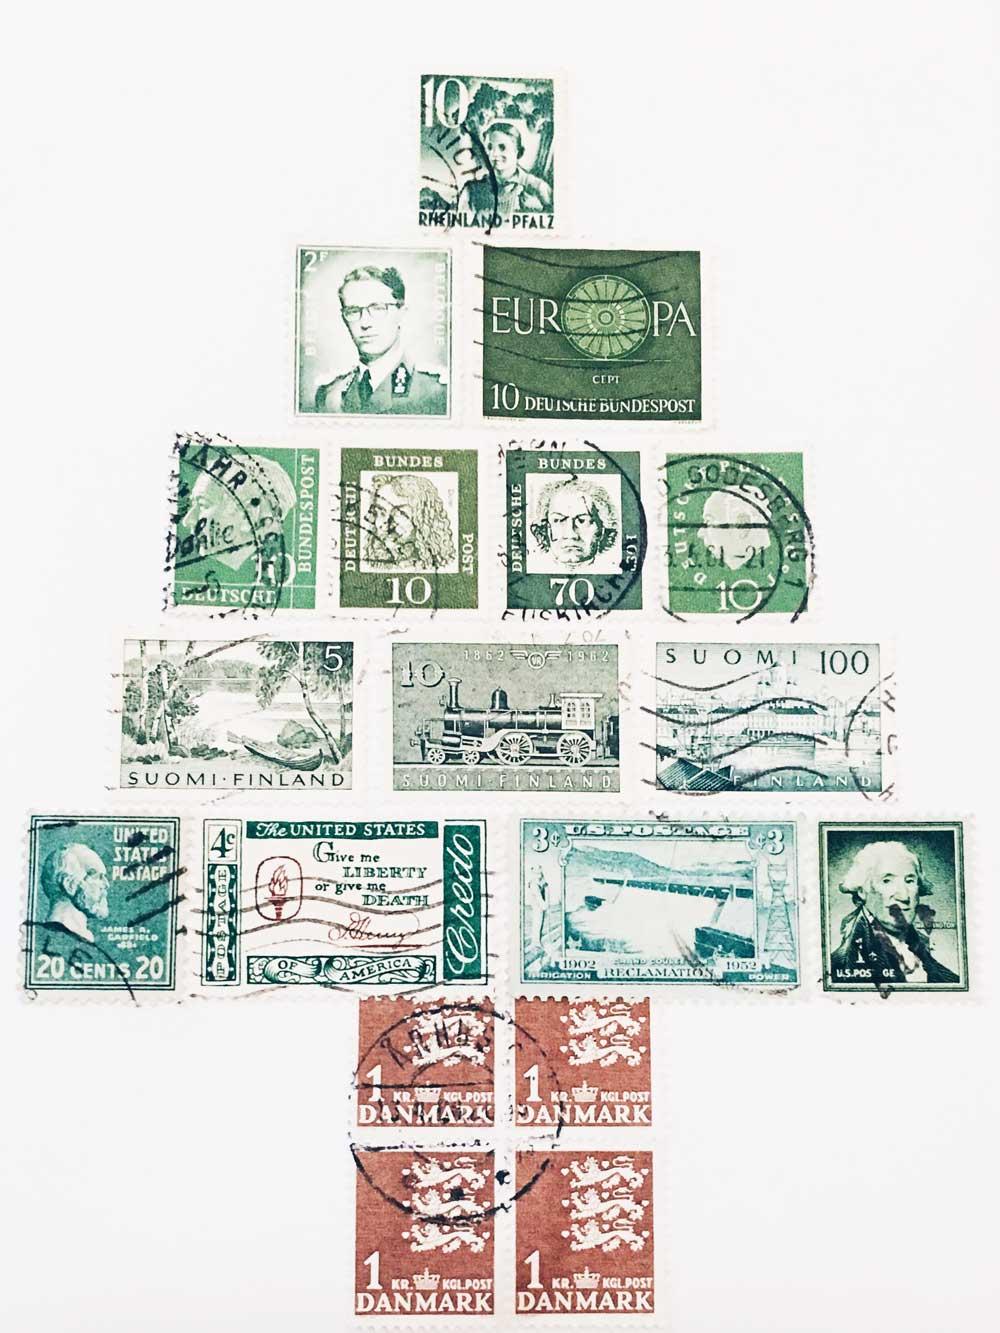 Weihnachtsbaum aus verschiedenen grünen Briefmarken